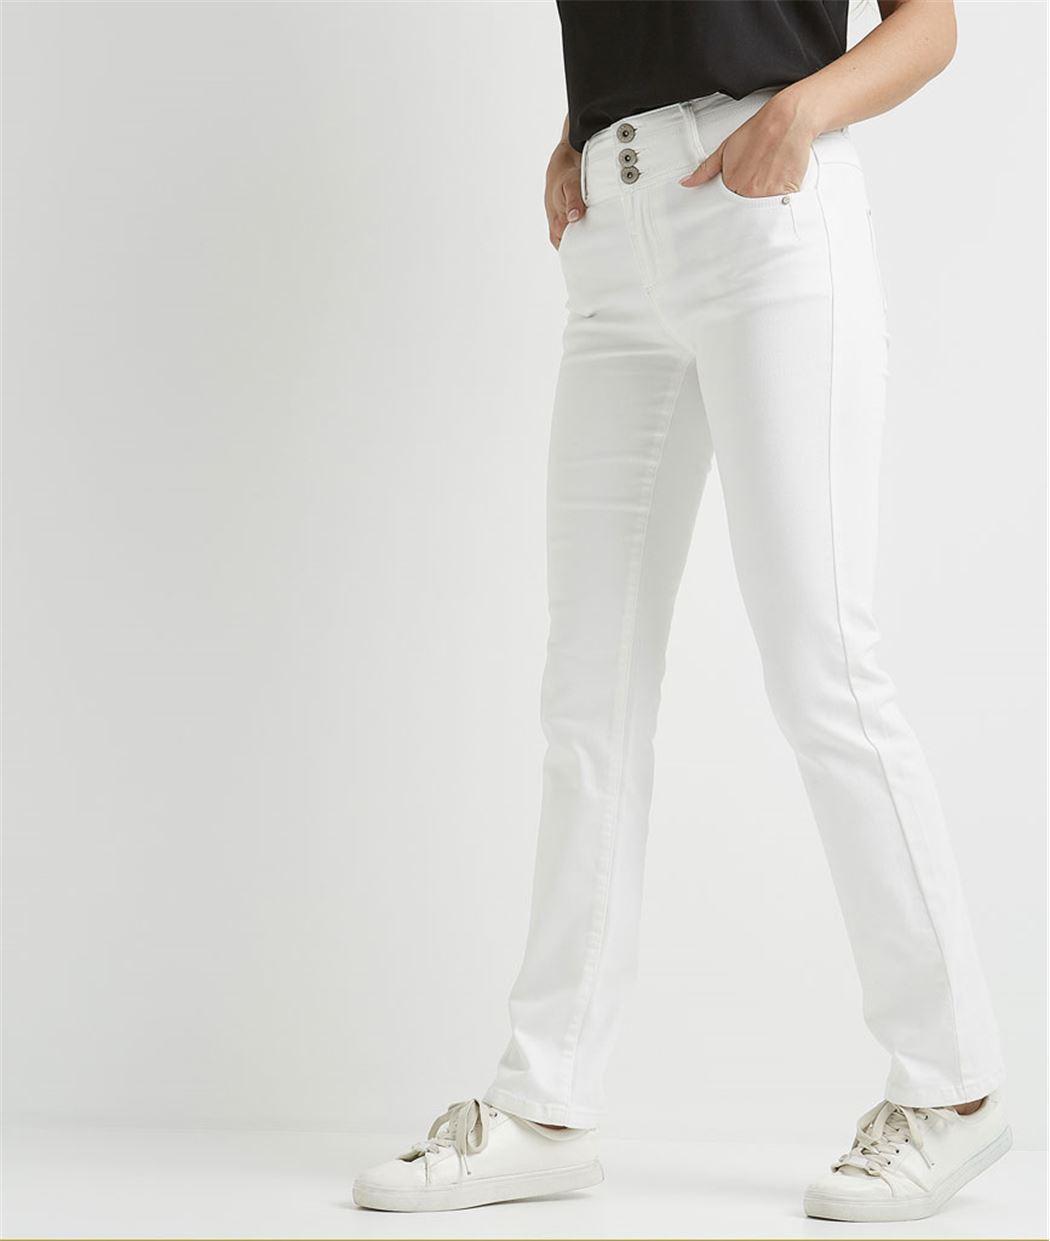 Pantalon femme droit taille haute BLANC OPTIQUE